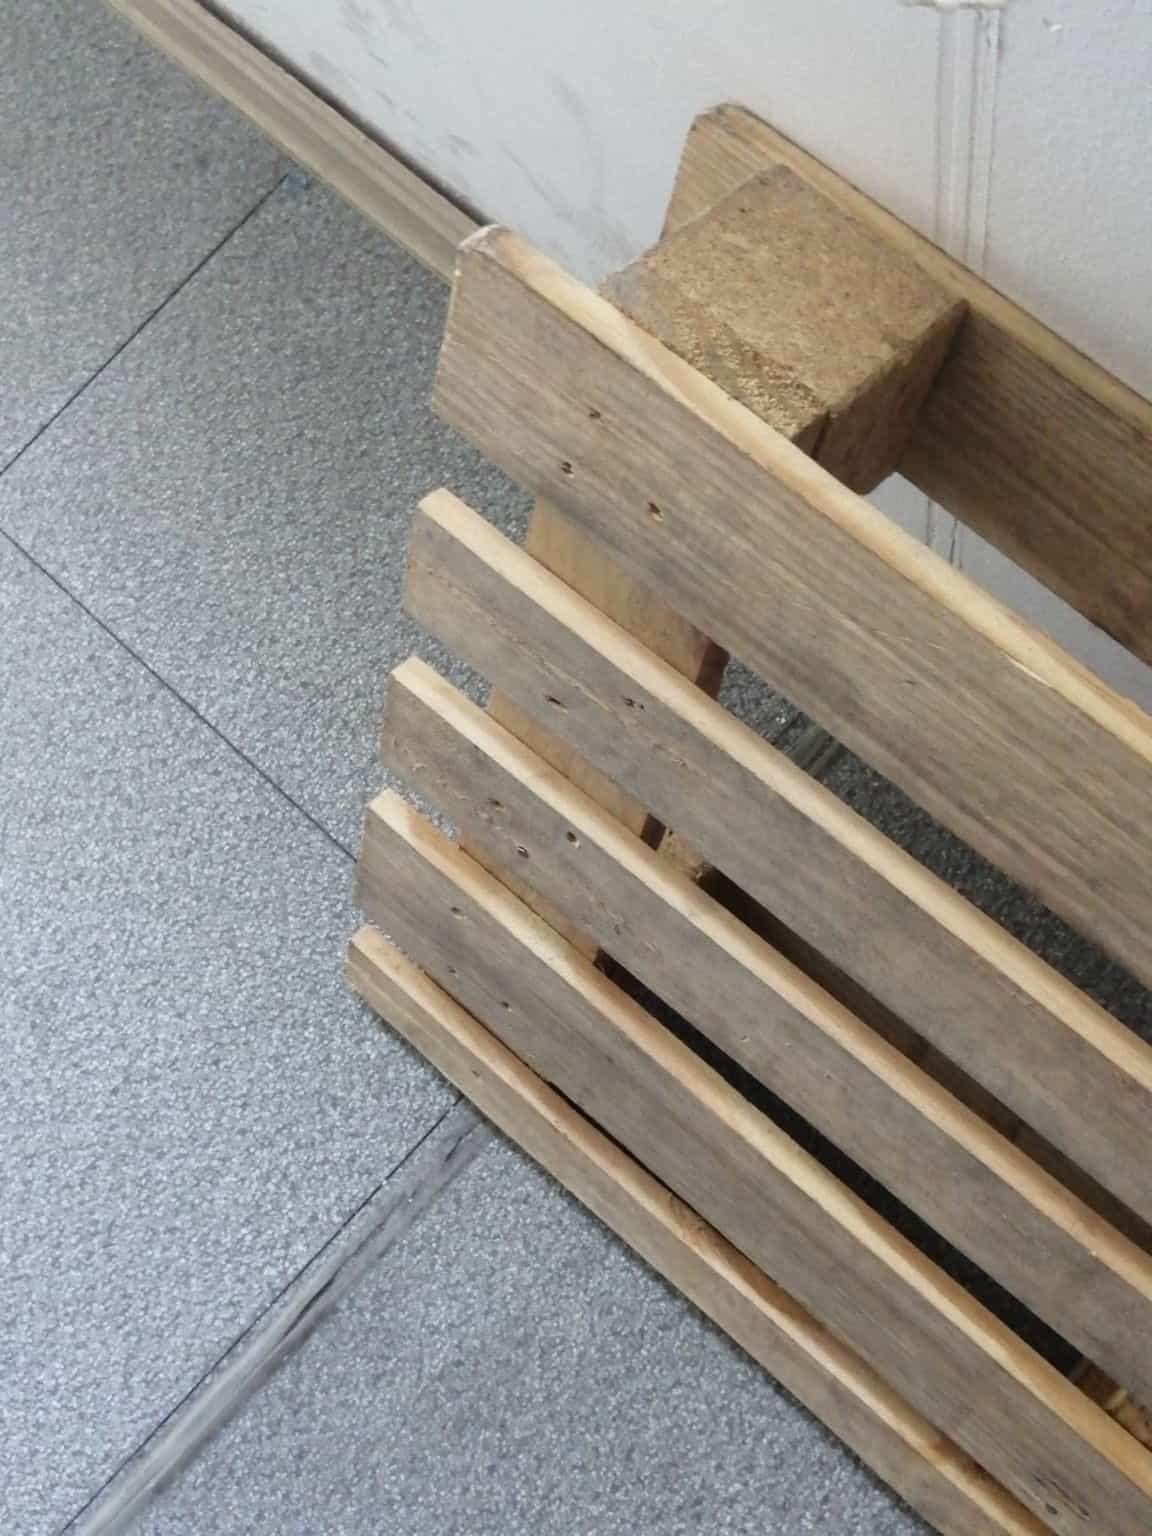 忻州出口?,⅘㊜✜↕◀?装木箱出售